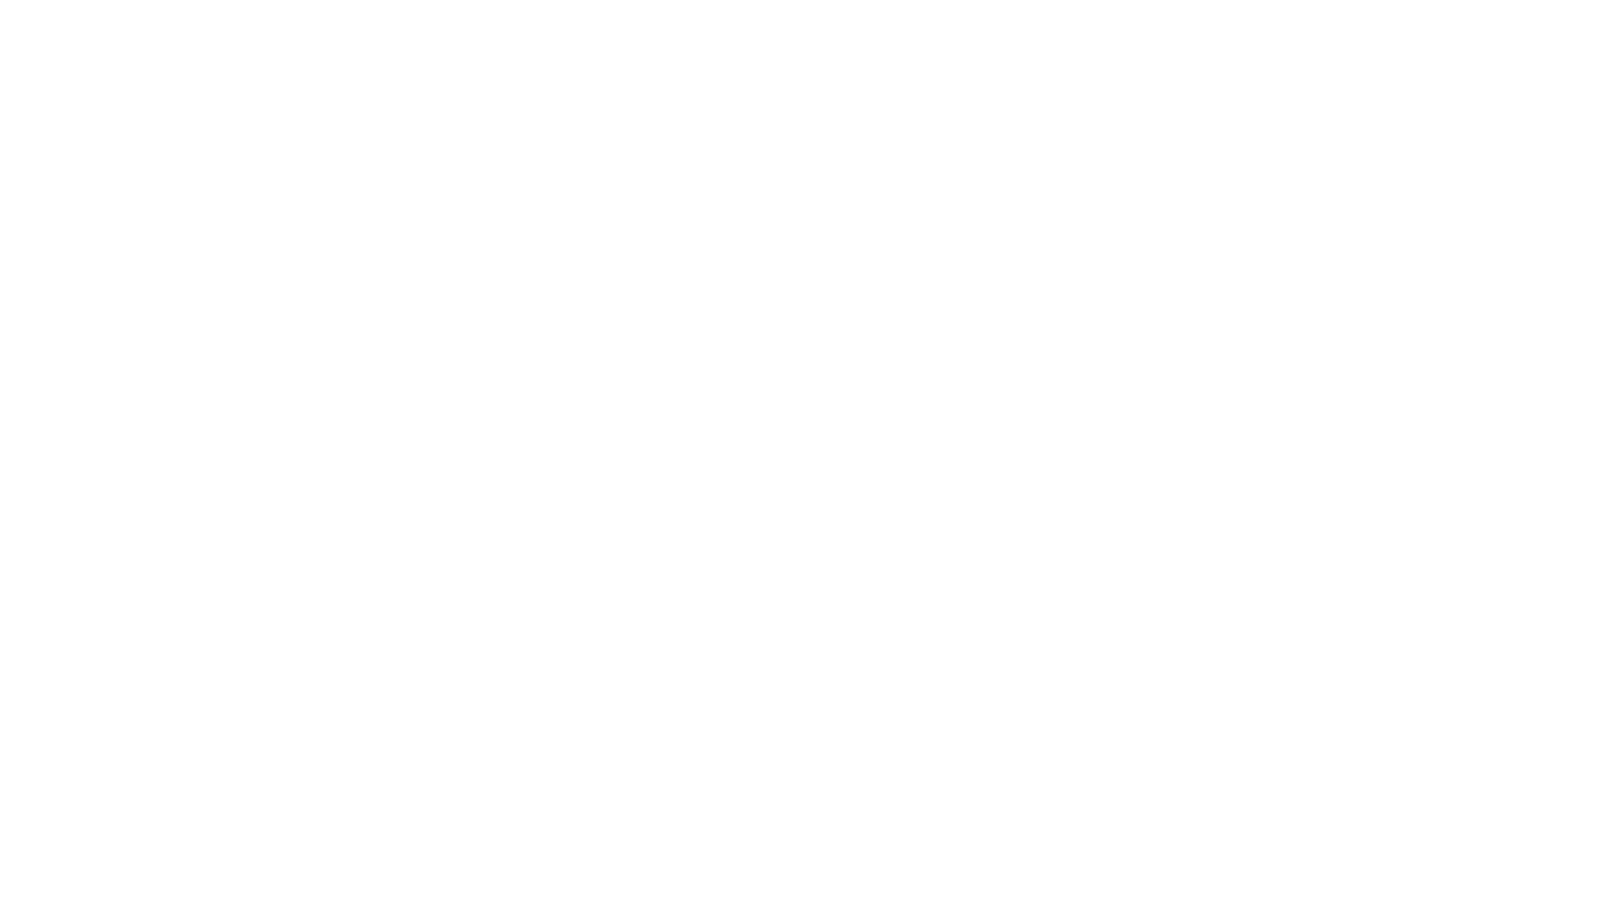 MotorDì rubrica di Sport ed attualità motoristica firmata ExtraTV in collaborazione con Frsport.it condotta da Alessandro Biagi e Francesca Sacchetti. Tutti i Giovedì alle 21:10.